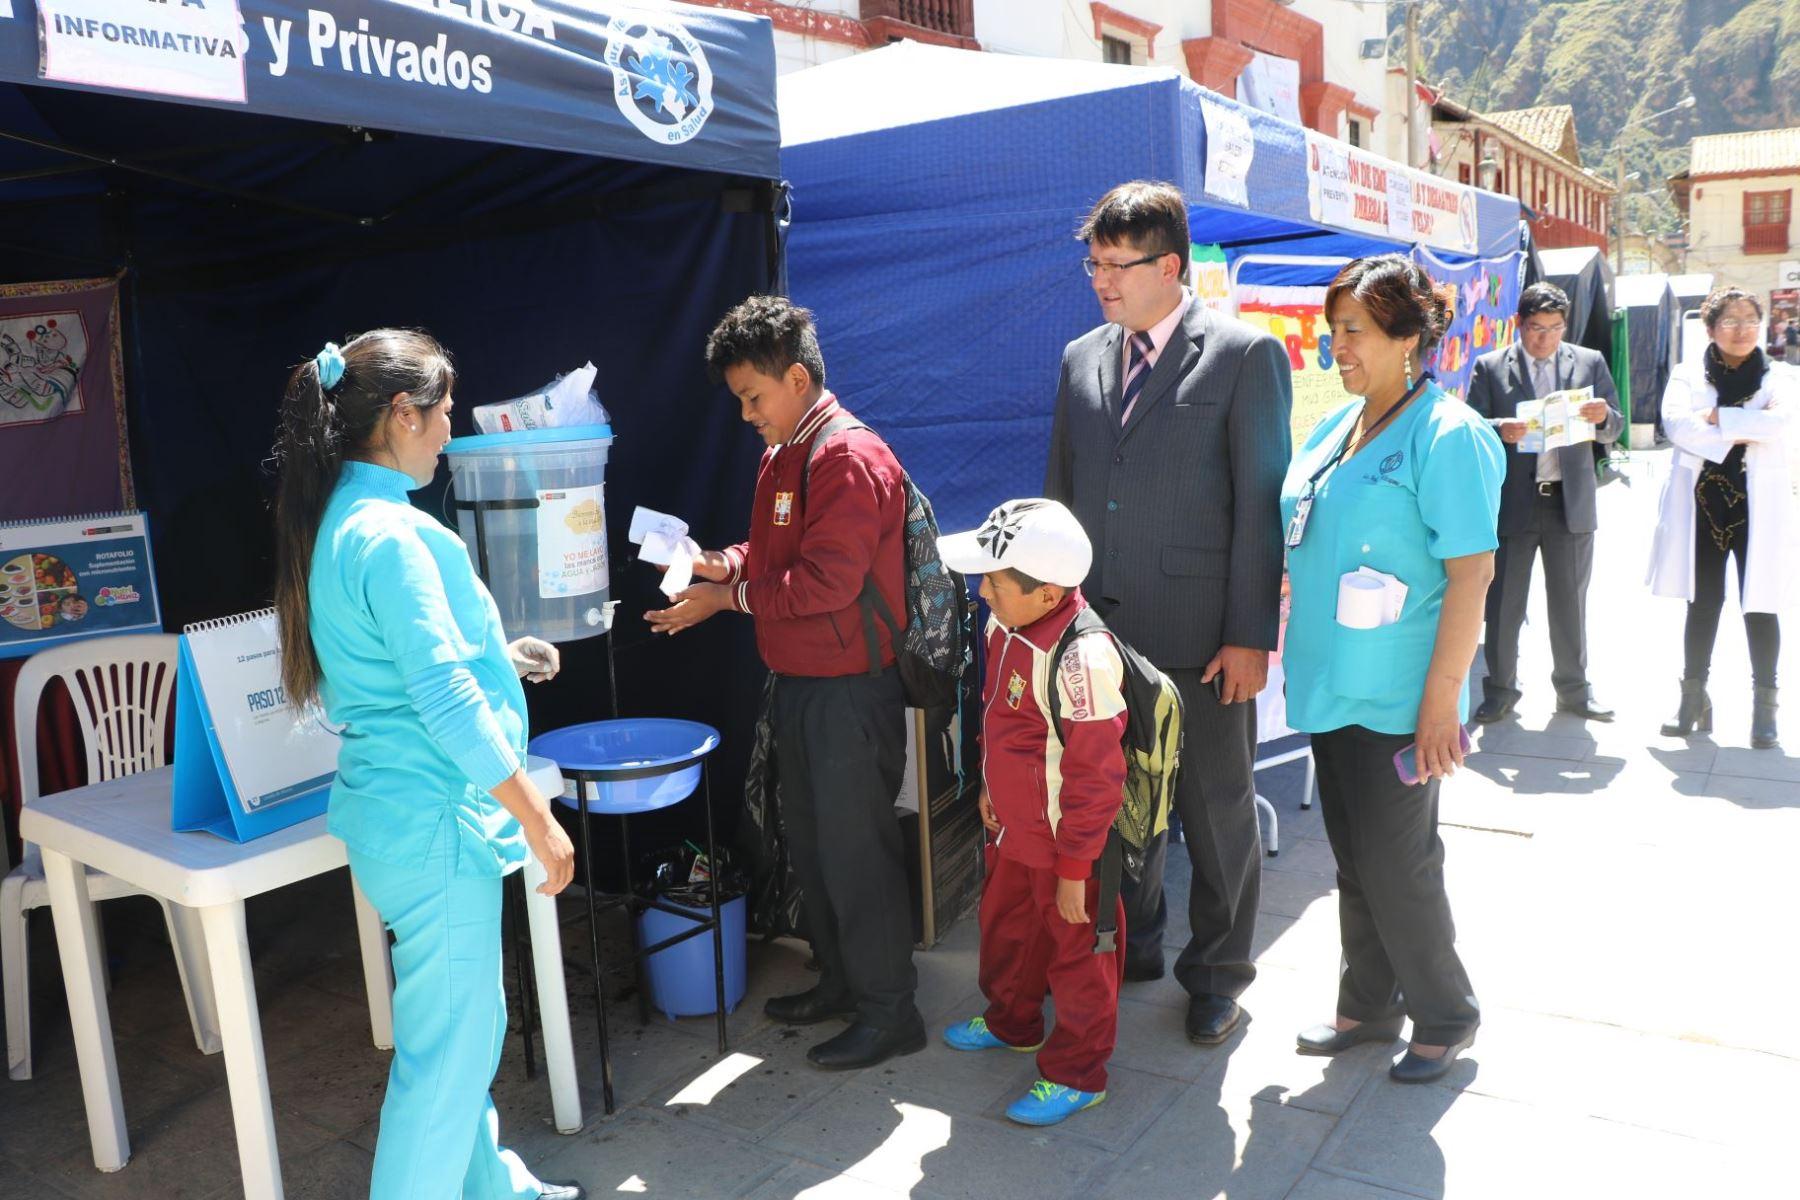 La actividad estuvo a cargo Diresa Huancavelica a través de la Red de Salud Huancavelica, Hospital Regional Zacarías Correa Valdivia y los establecimientos de salud de la jurisdicción.